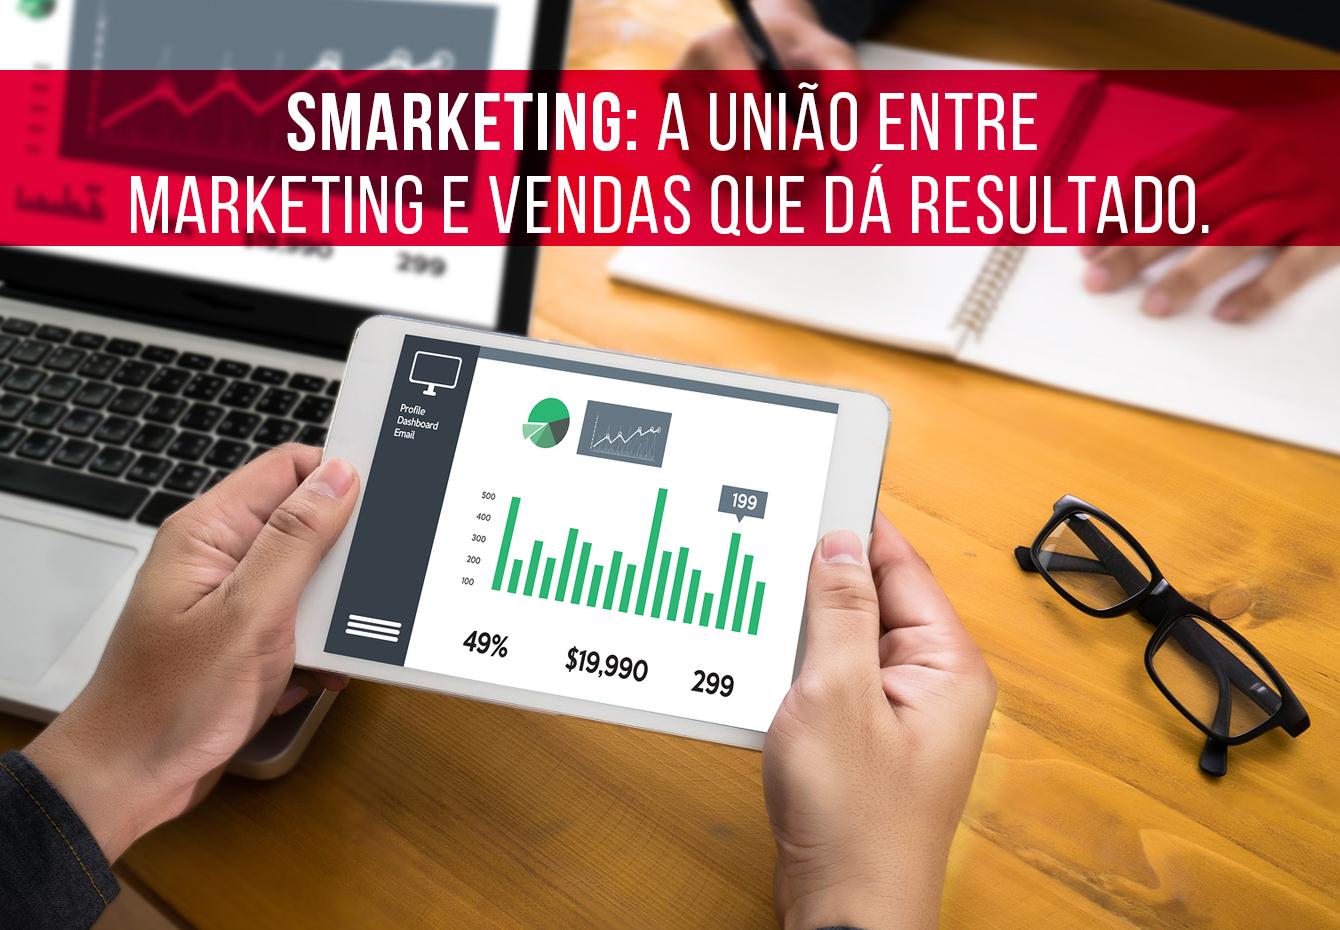 Smarketing: a incrível e lucrativa união entre marketing e vendas. BG Comunicação e Marketing